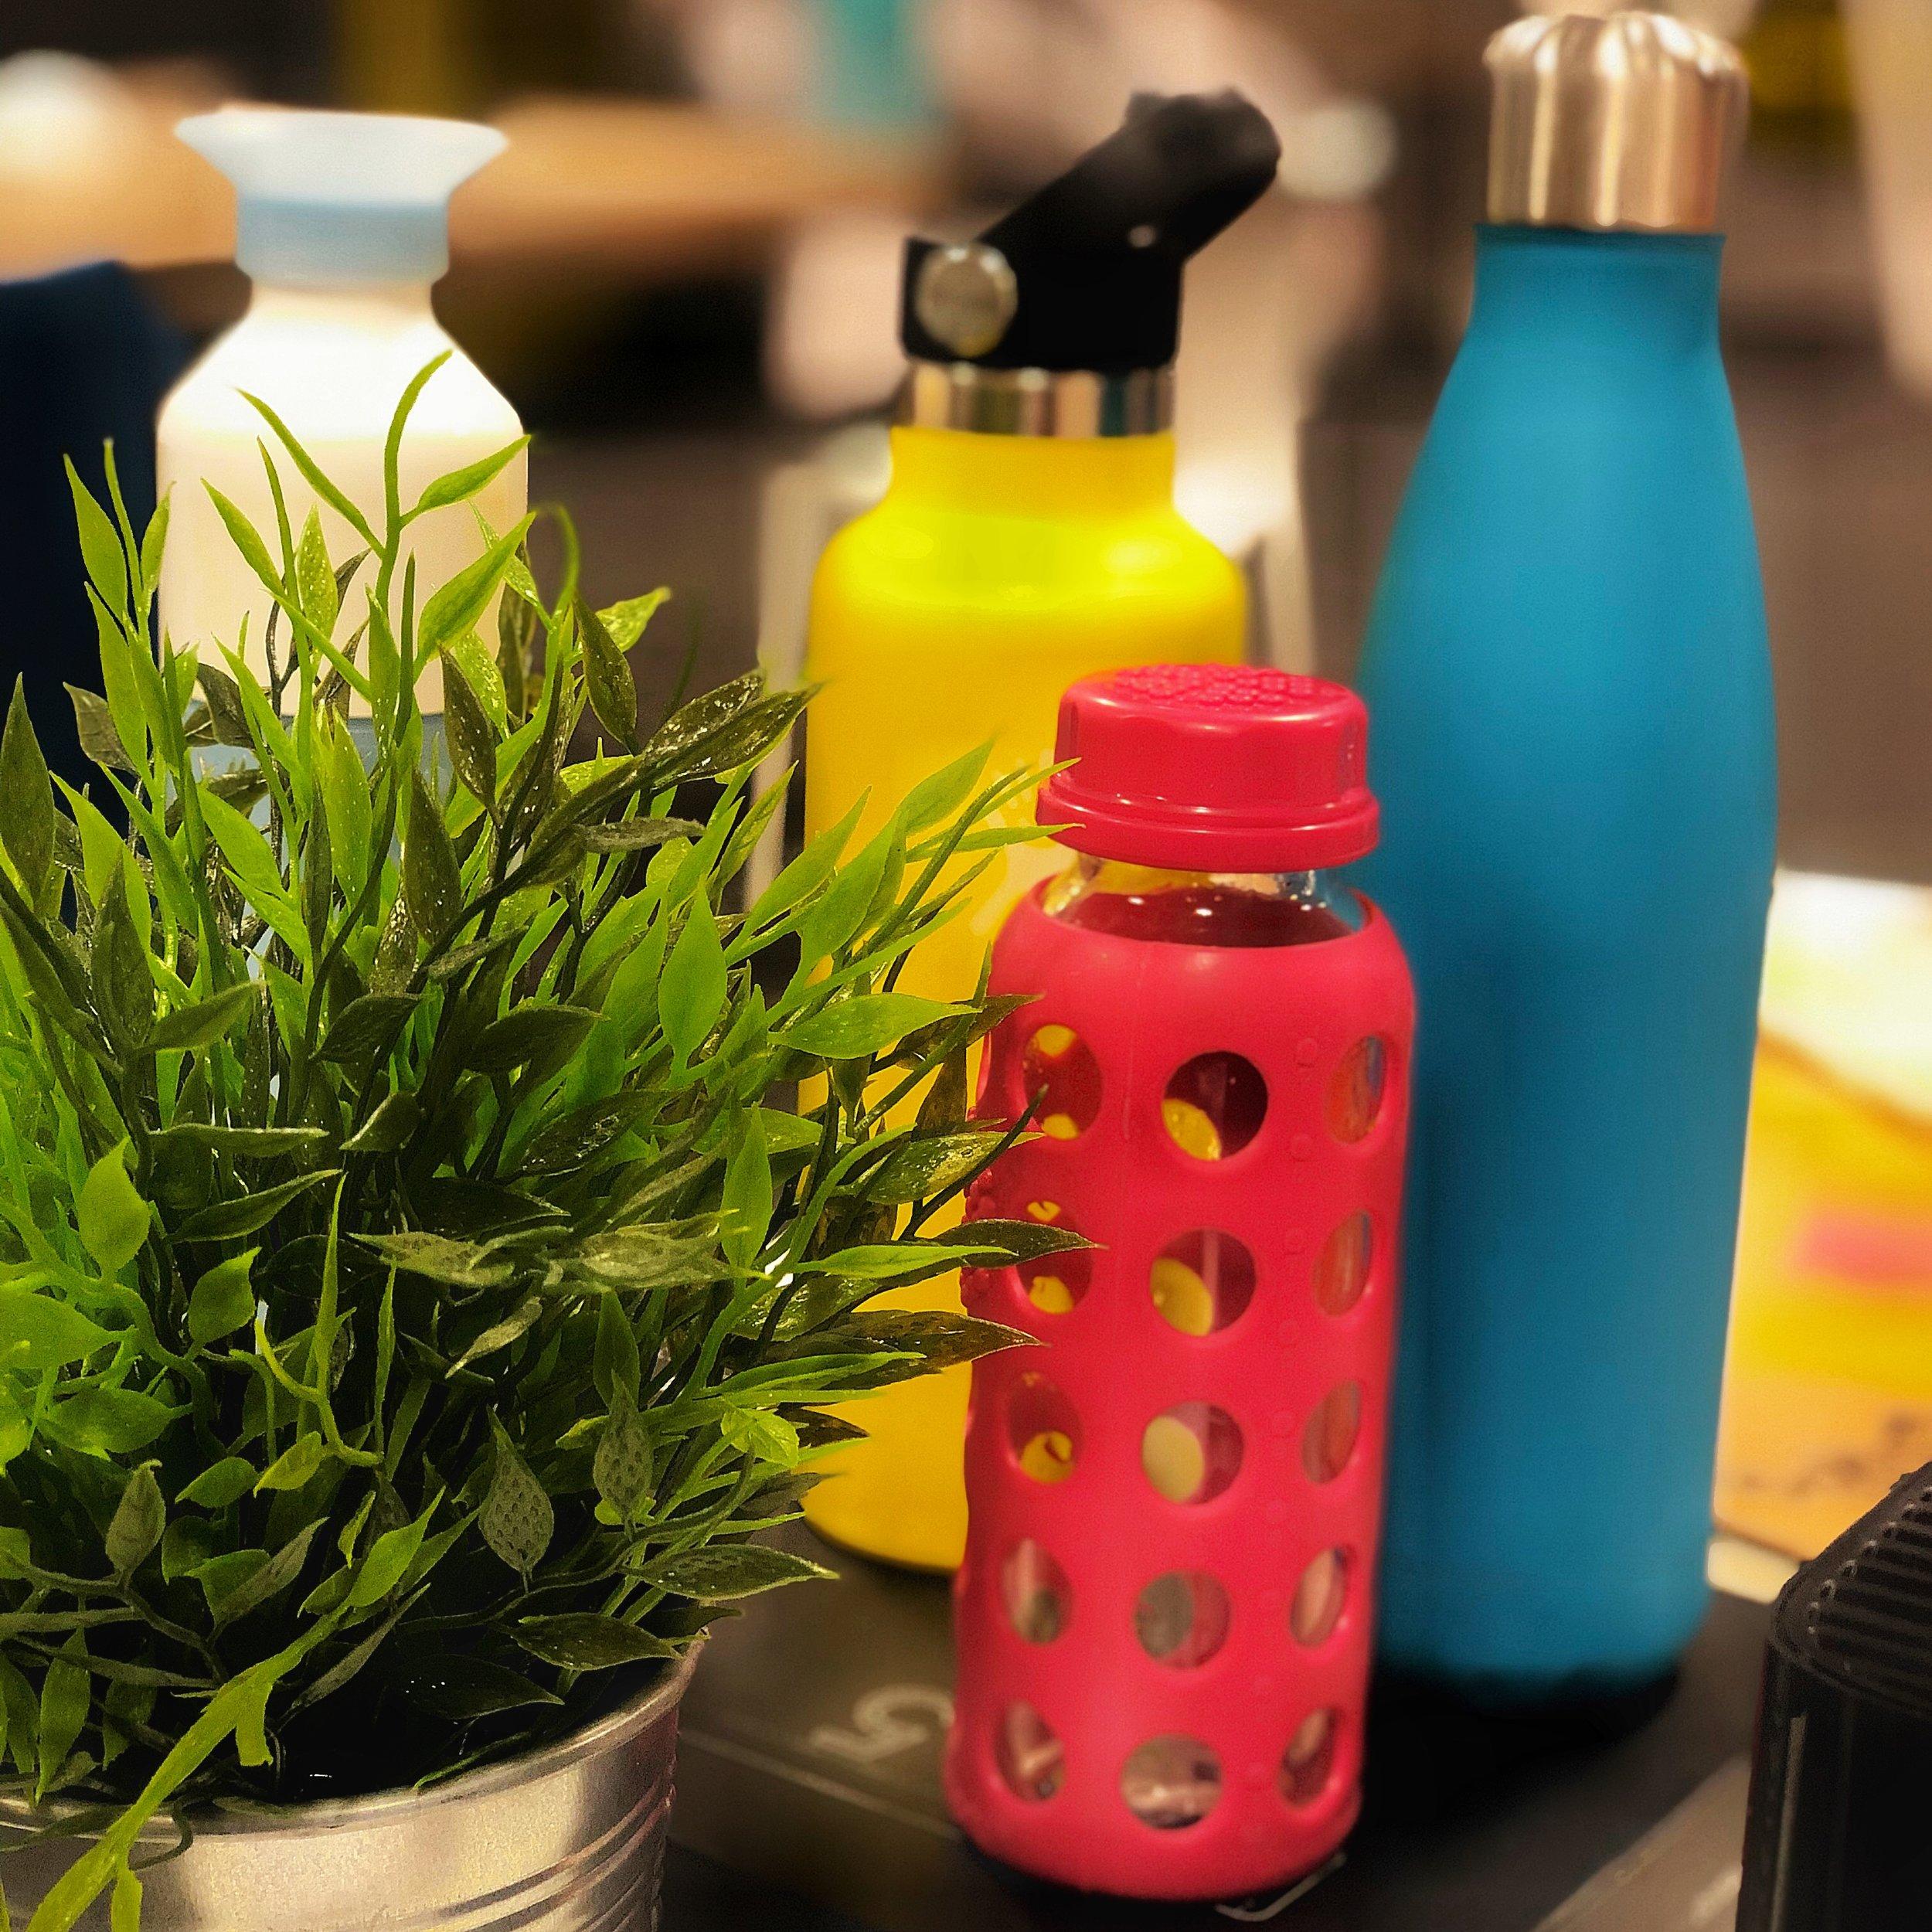 Reusable Water Bottle Review - Rachel tests the best 5 water bottles